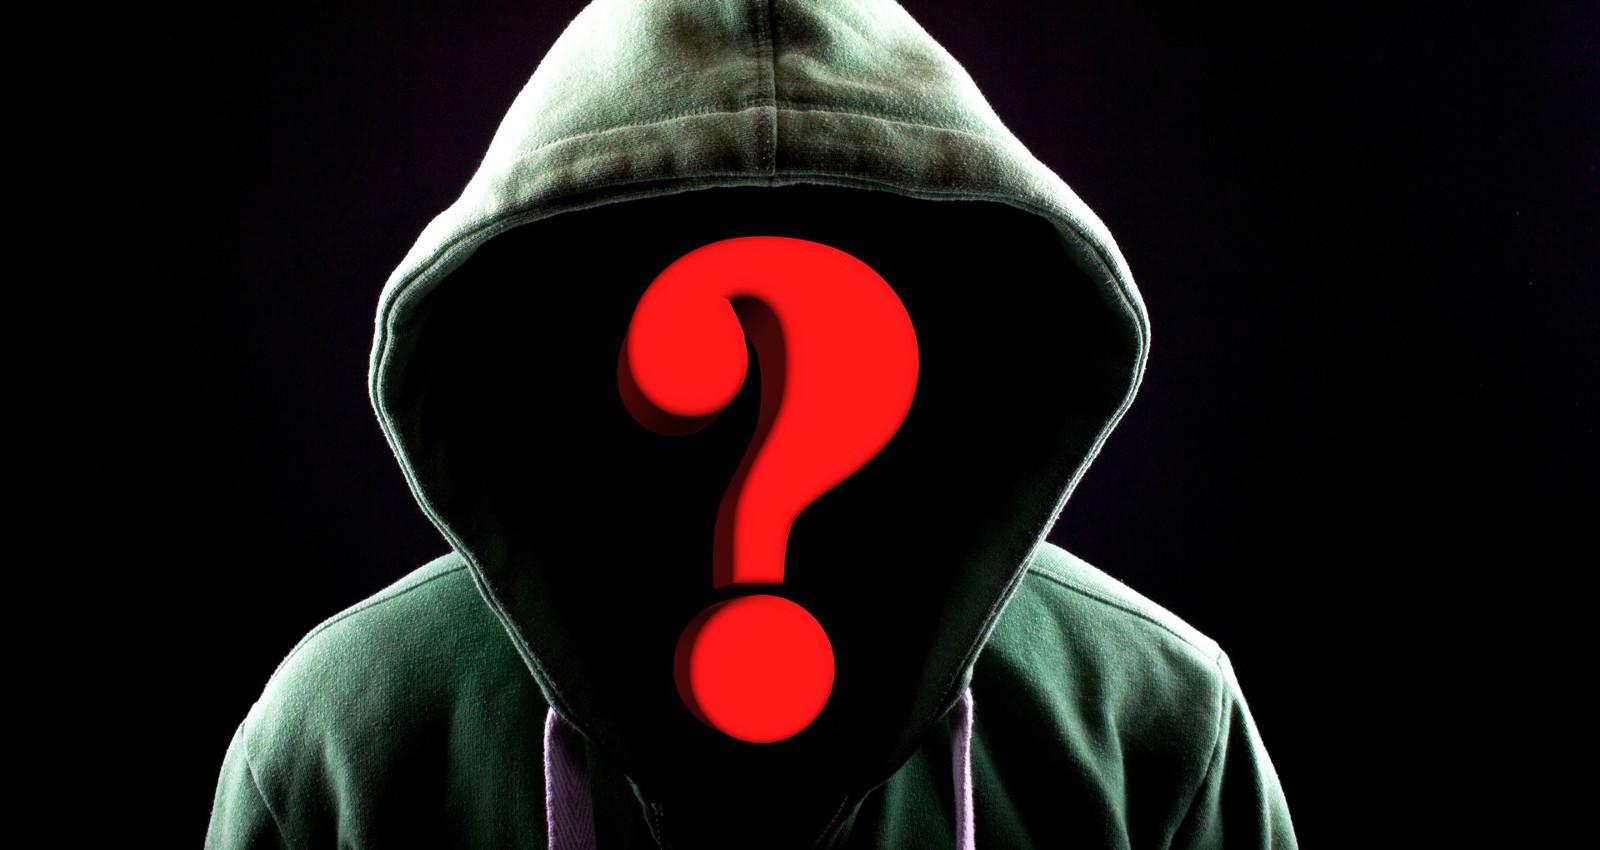 SecureVPN.to: Webseite und Server nicht erreichbar. Razzia? Beschlagnahmung? Geschäftsaufgabe?